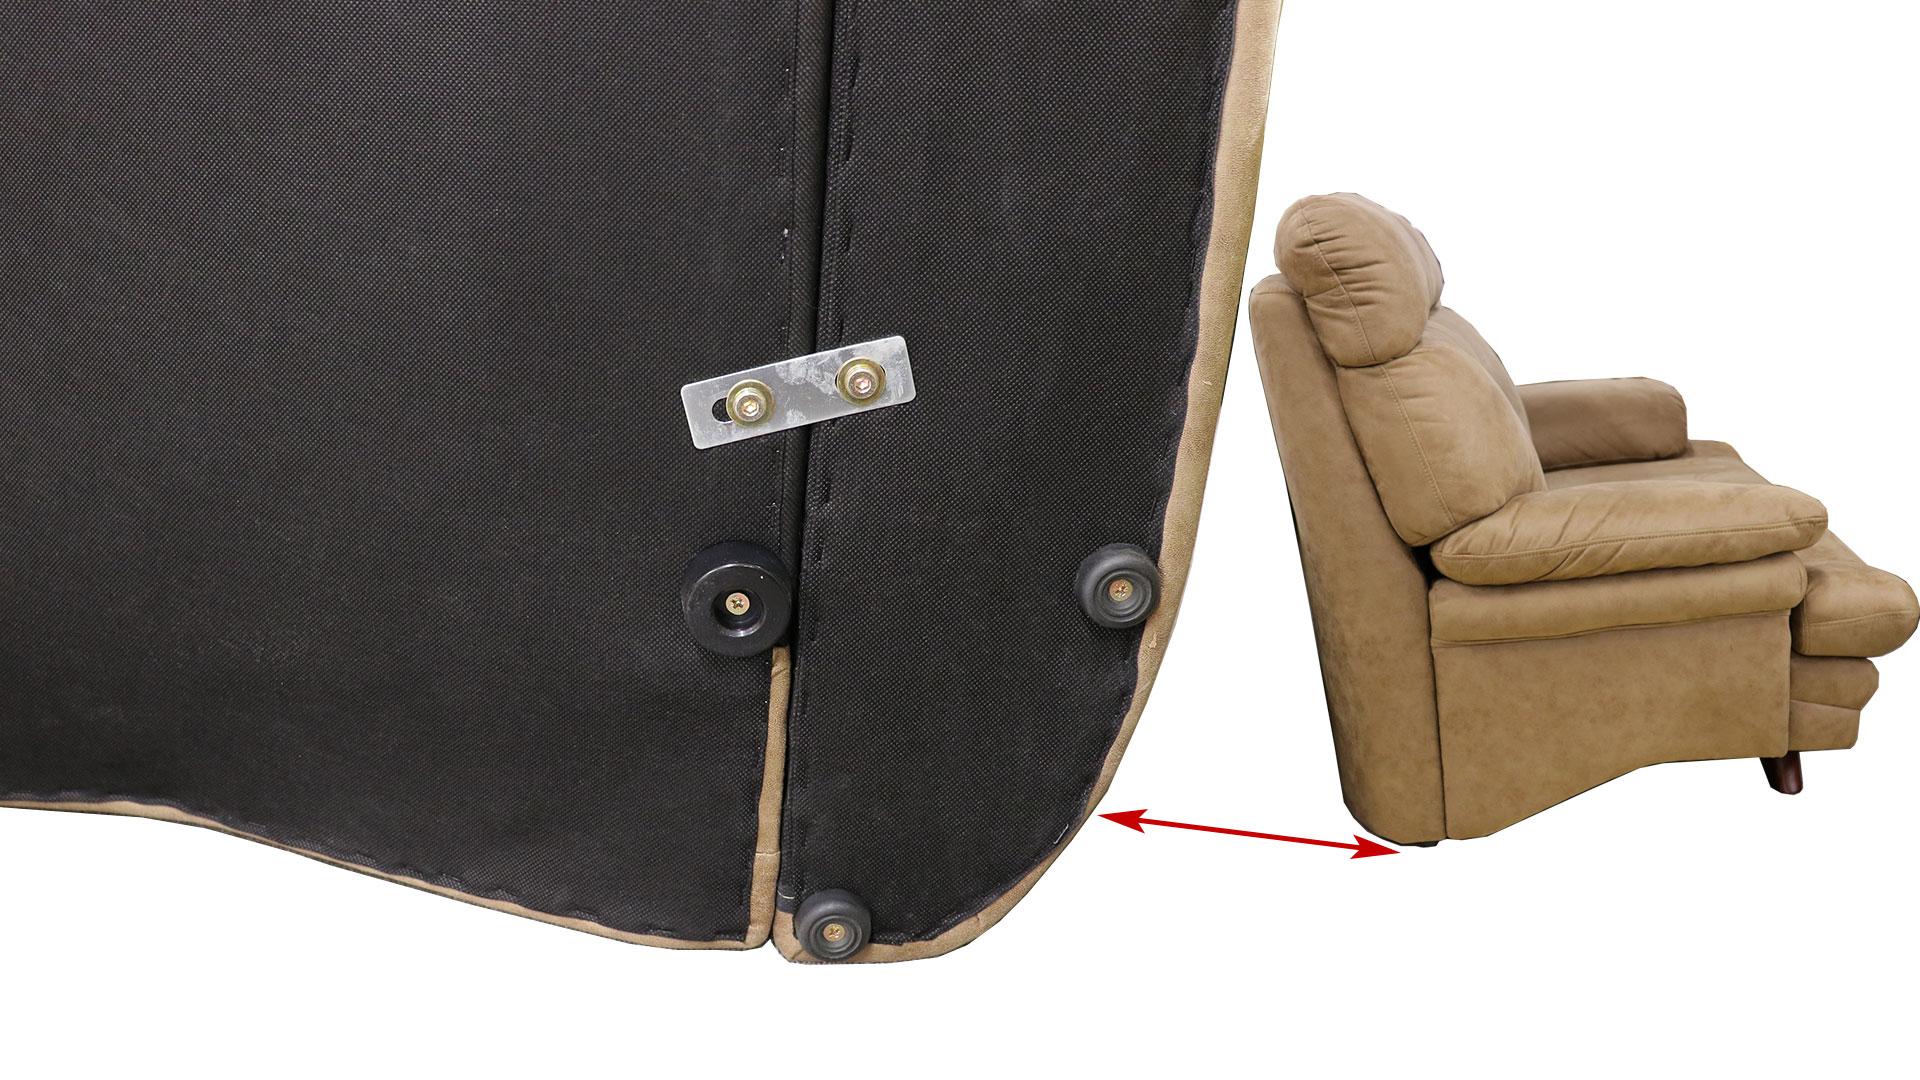 リビンズのソファ「ジェム」の裏面の連結部分の金具の画像